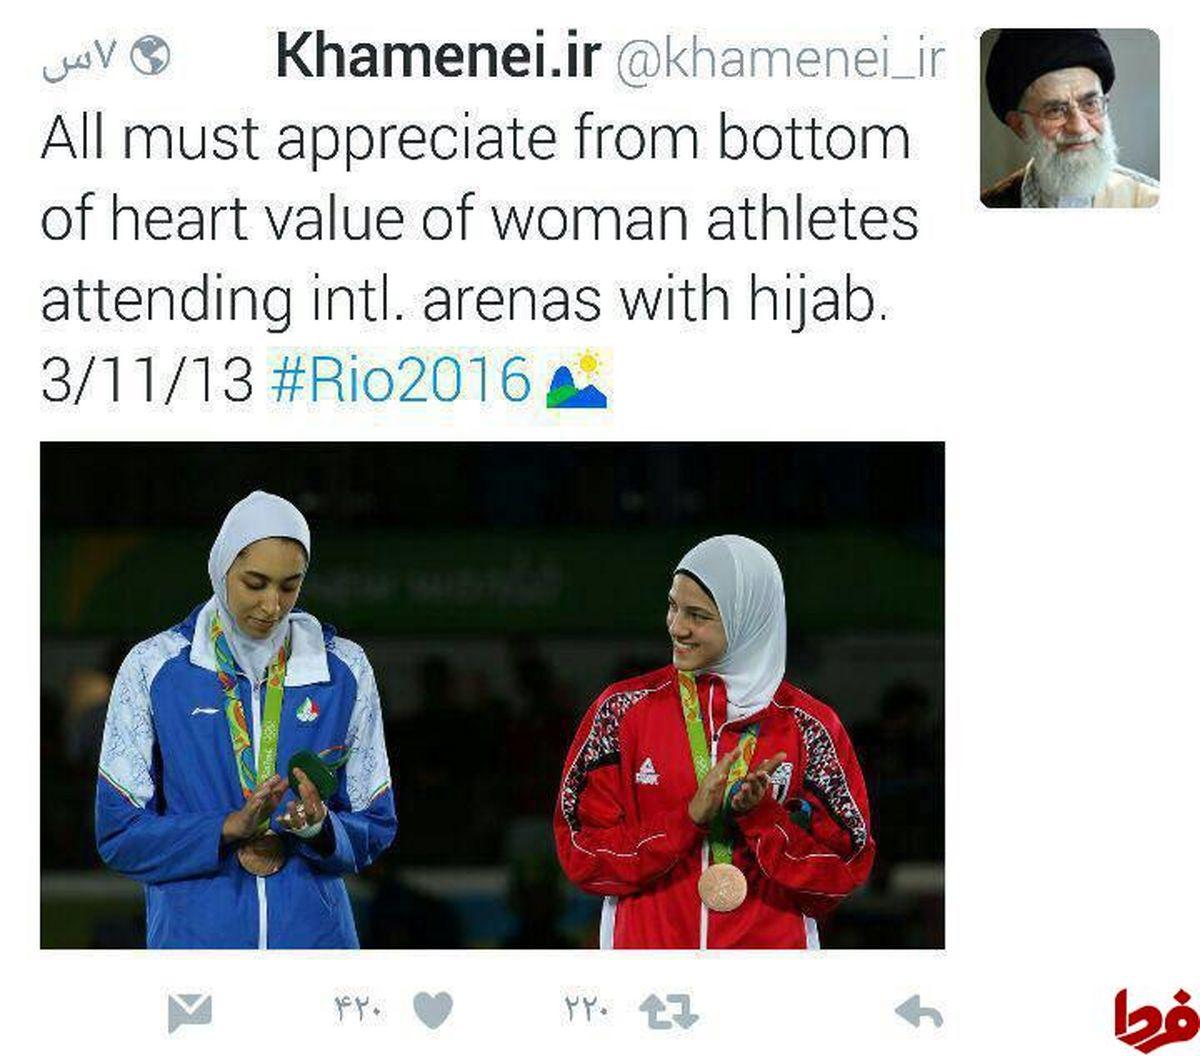 تبریک رهبر معظم انقلاب به کیمیا علیزاده +توئیت